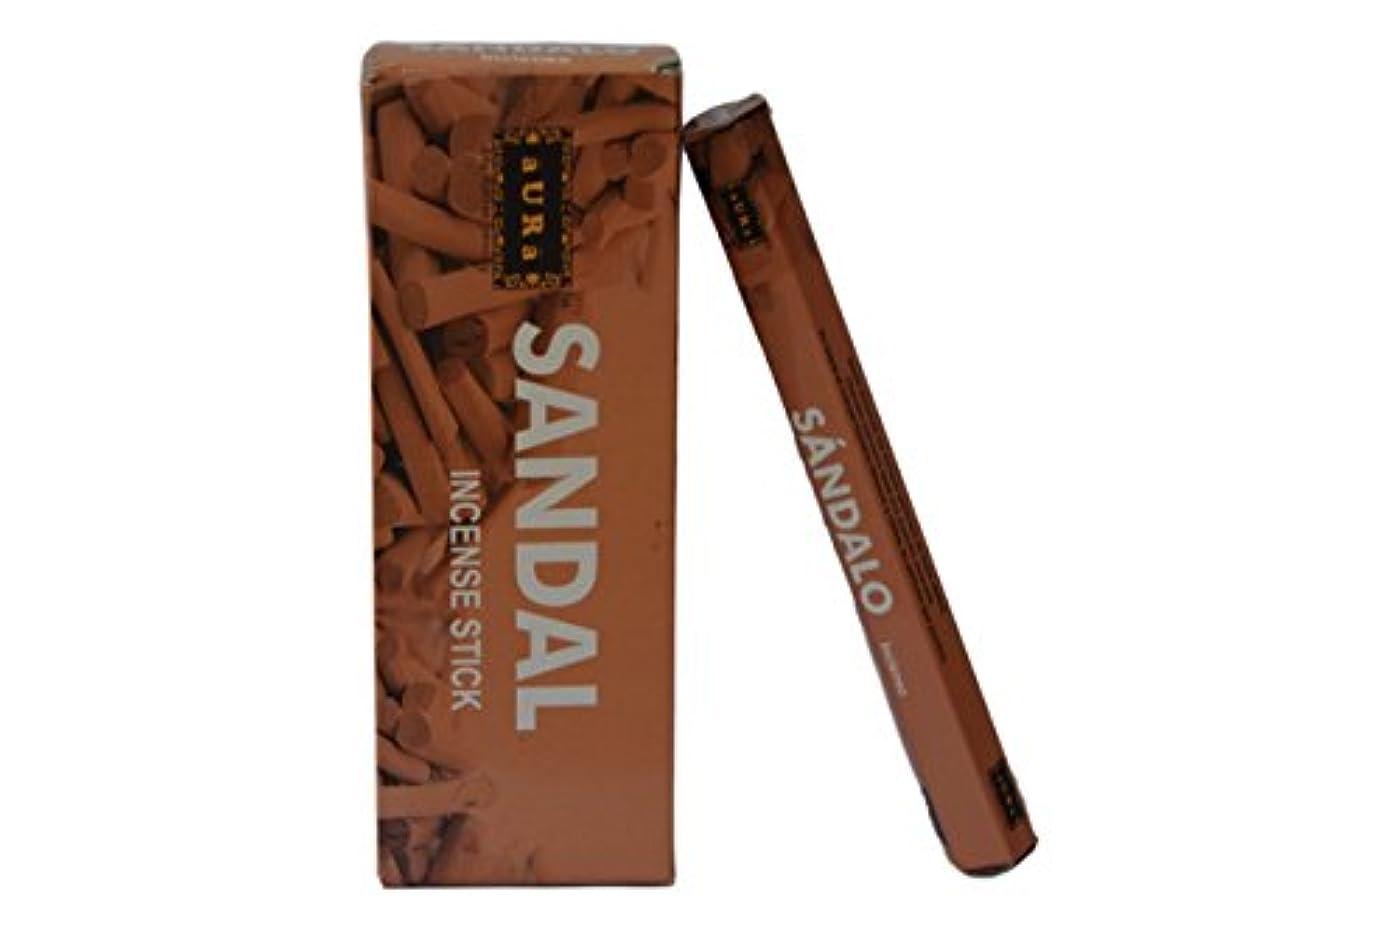 つらい再生貸すオーラサンダル香りつきIncense Sticks、プレミアム天然Incense Sticks、六角packing- 120 Sticks